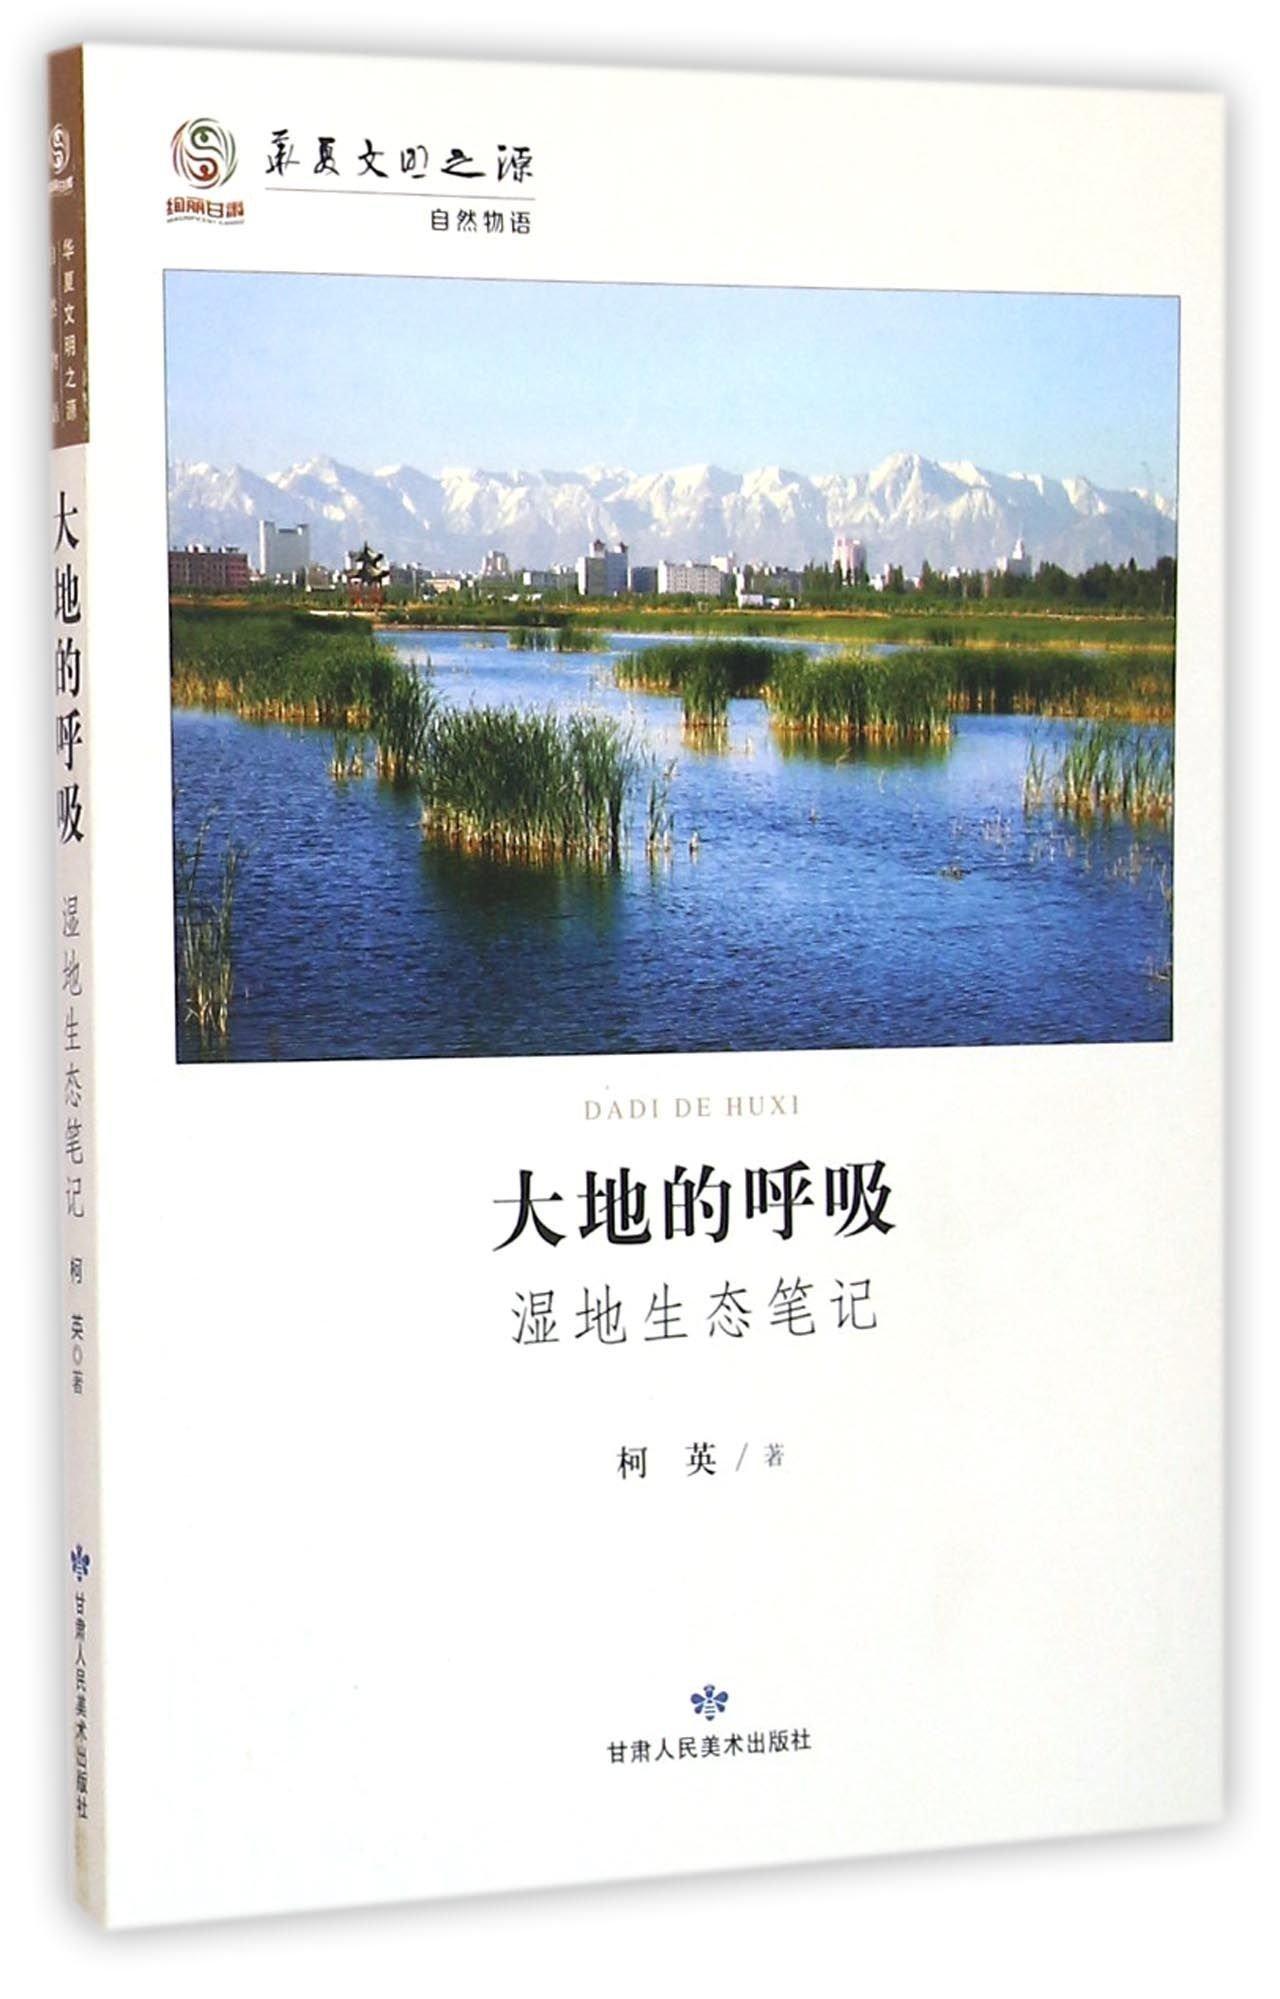 大地的呼吸(湿地生态笔记)/华夏文明之源 pdf